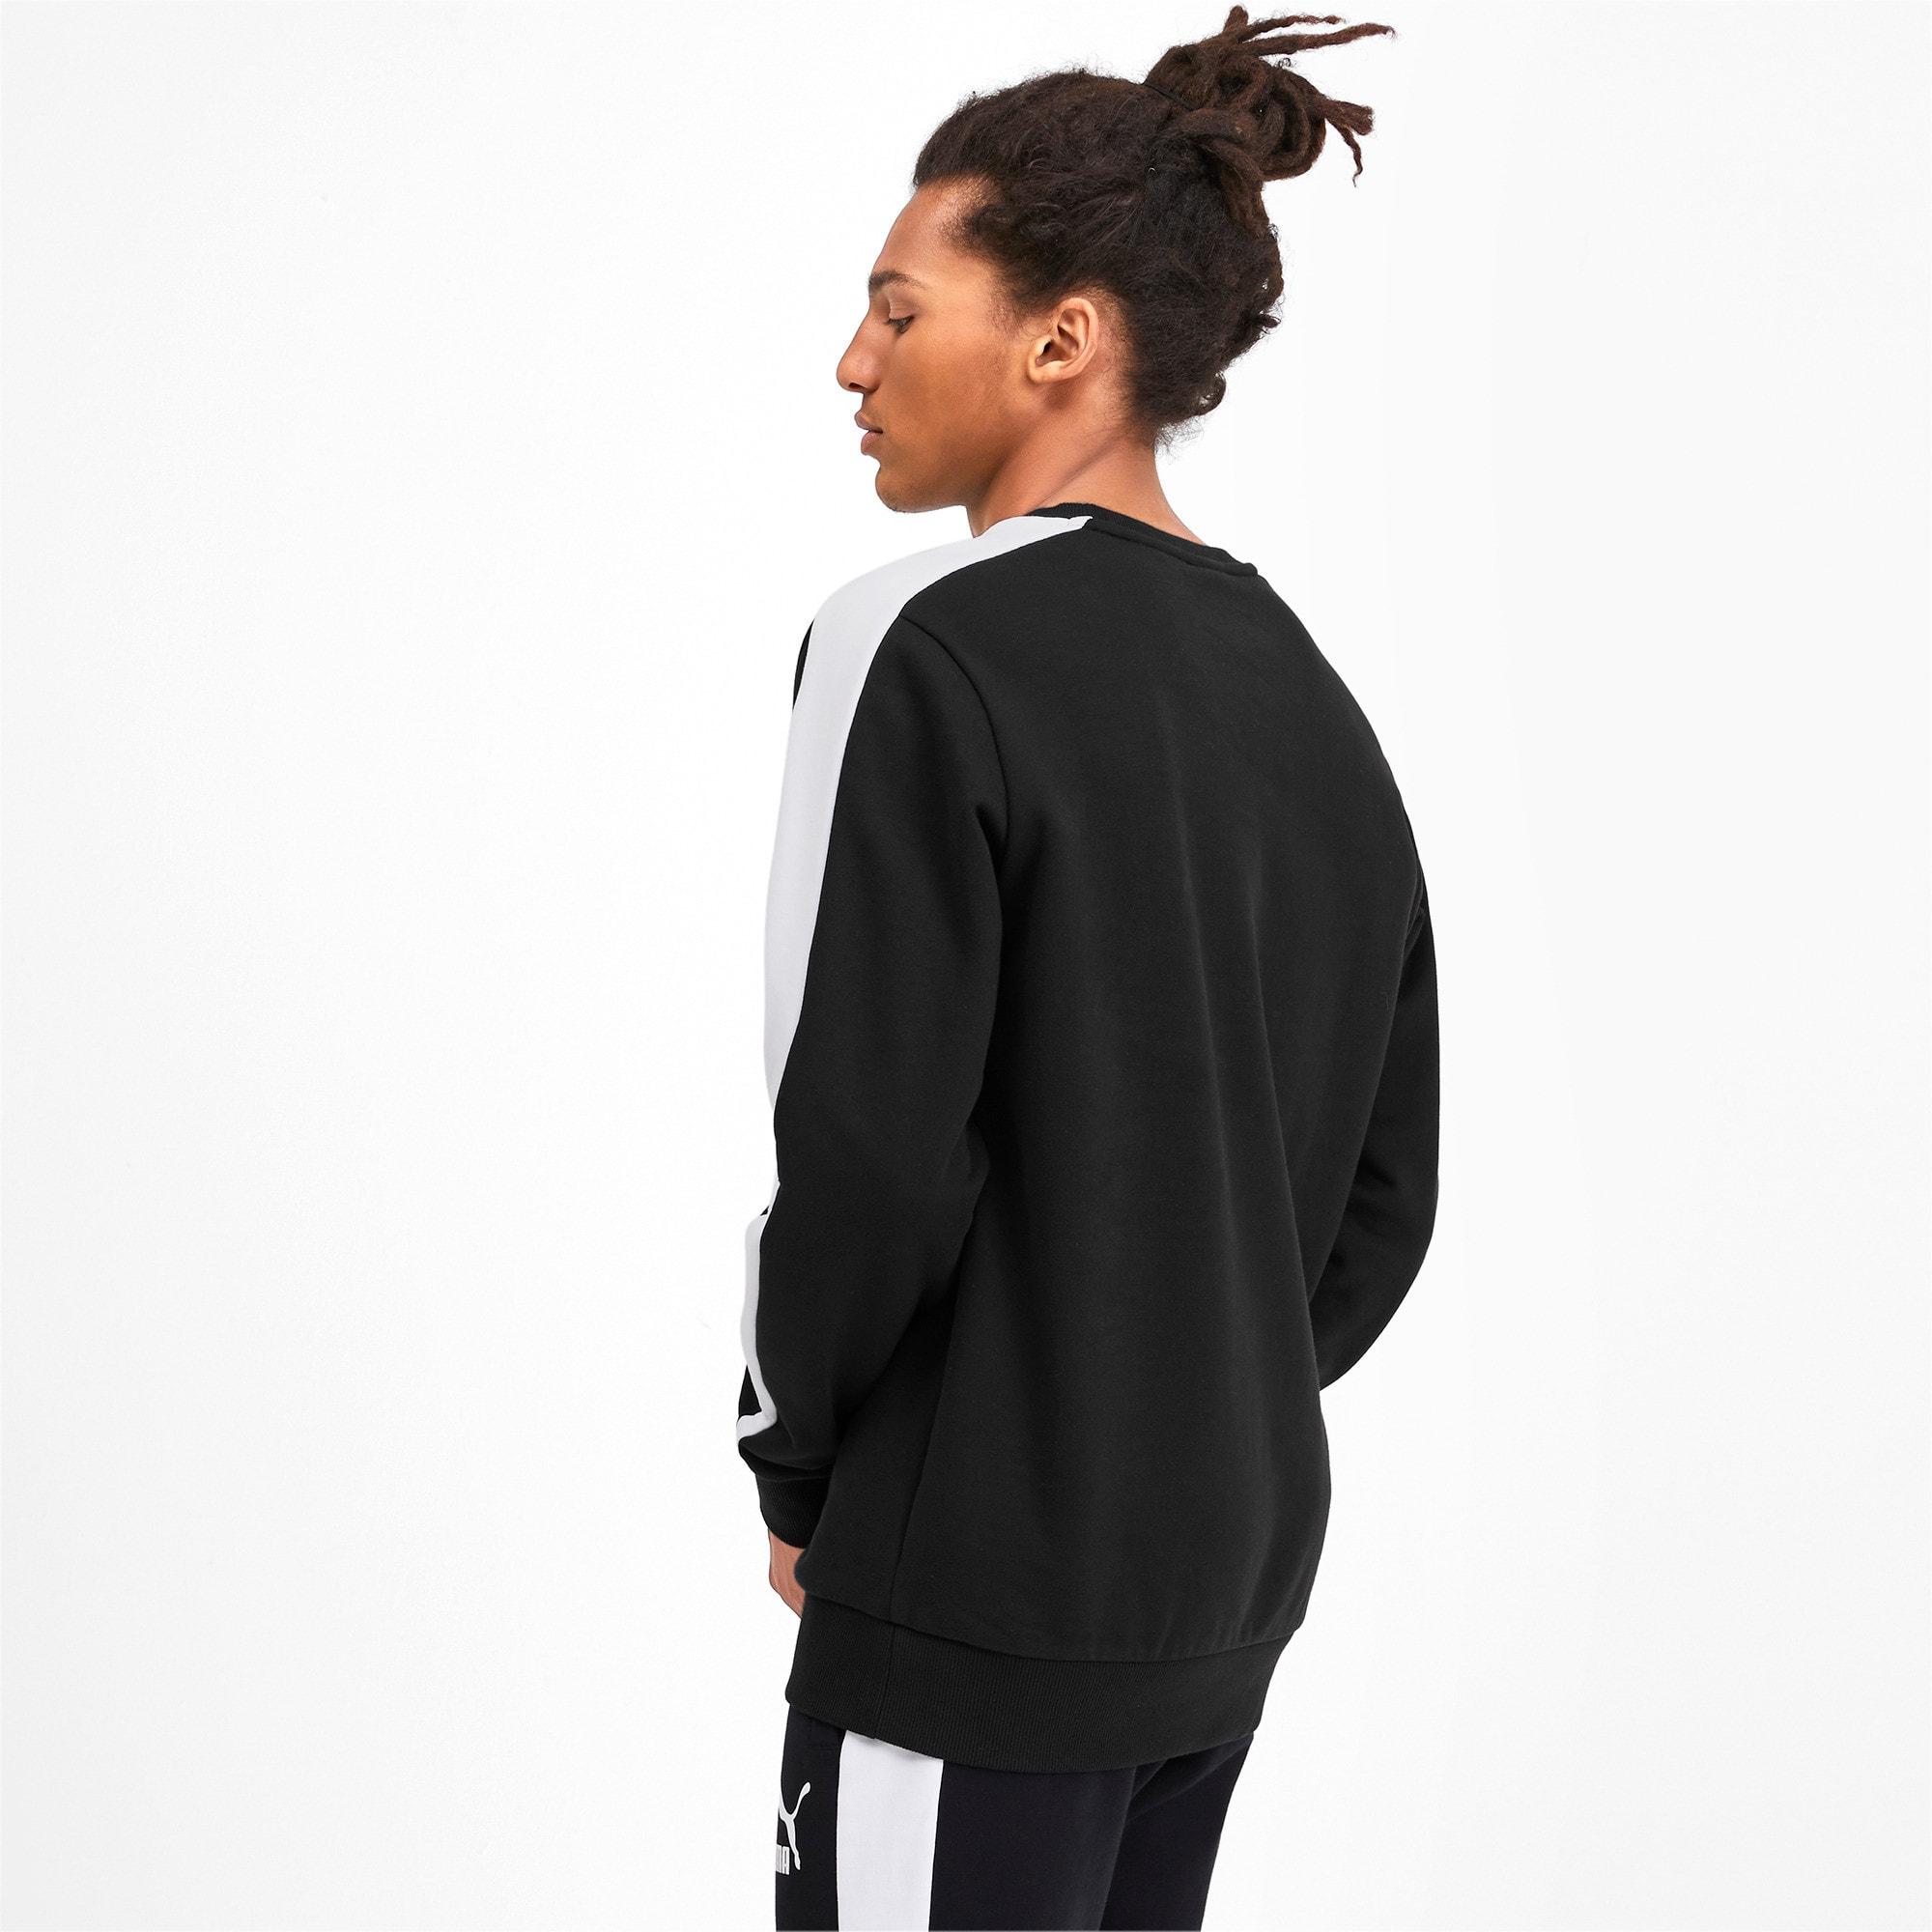 Thumbnail 2 of Iconic T7 Crew Neck Men's Sweater, Puma Black, medium